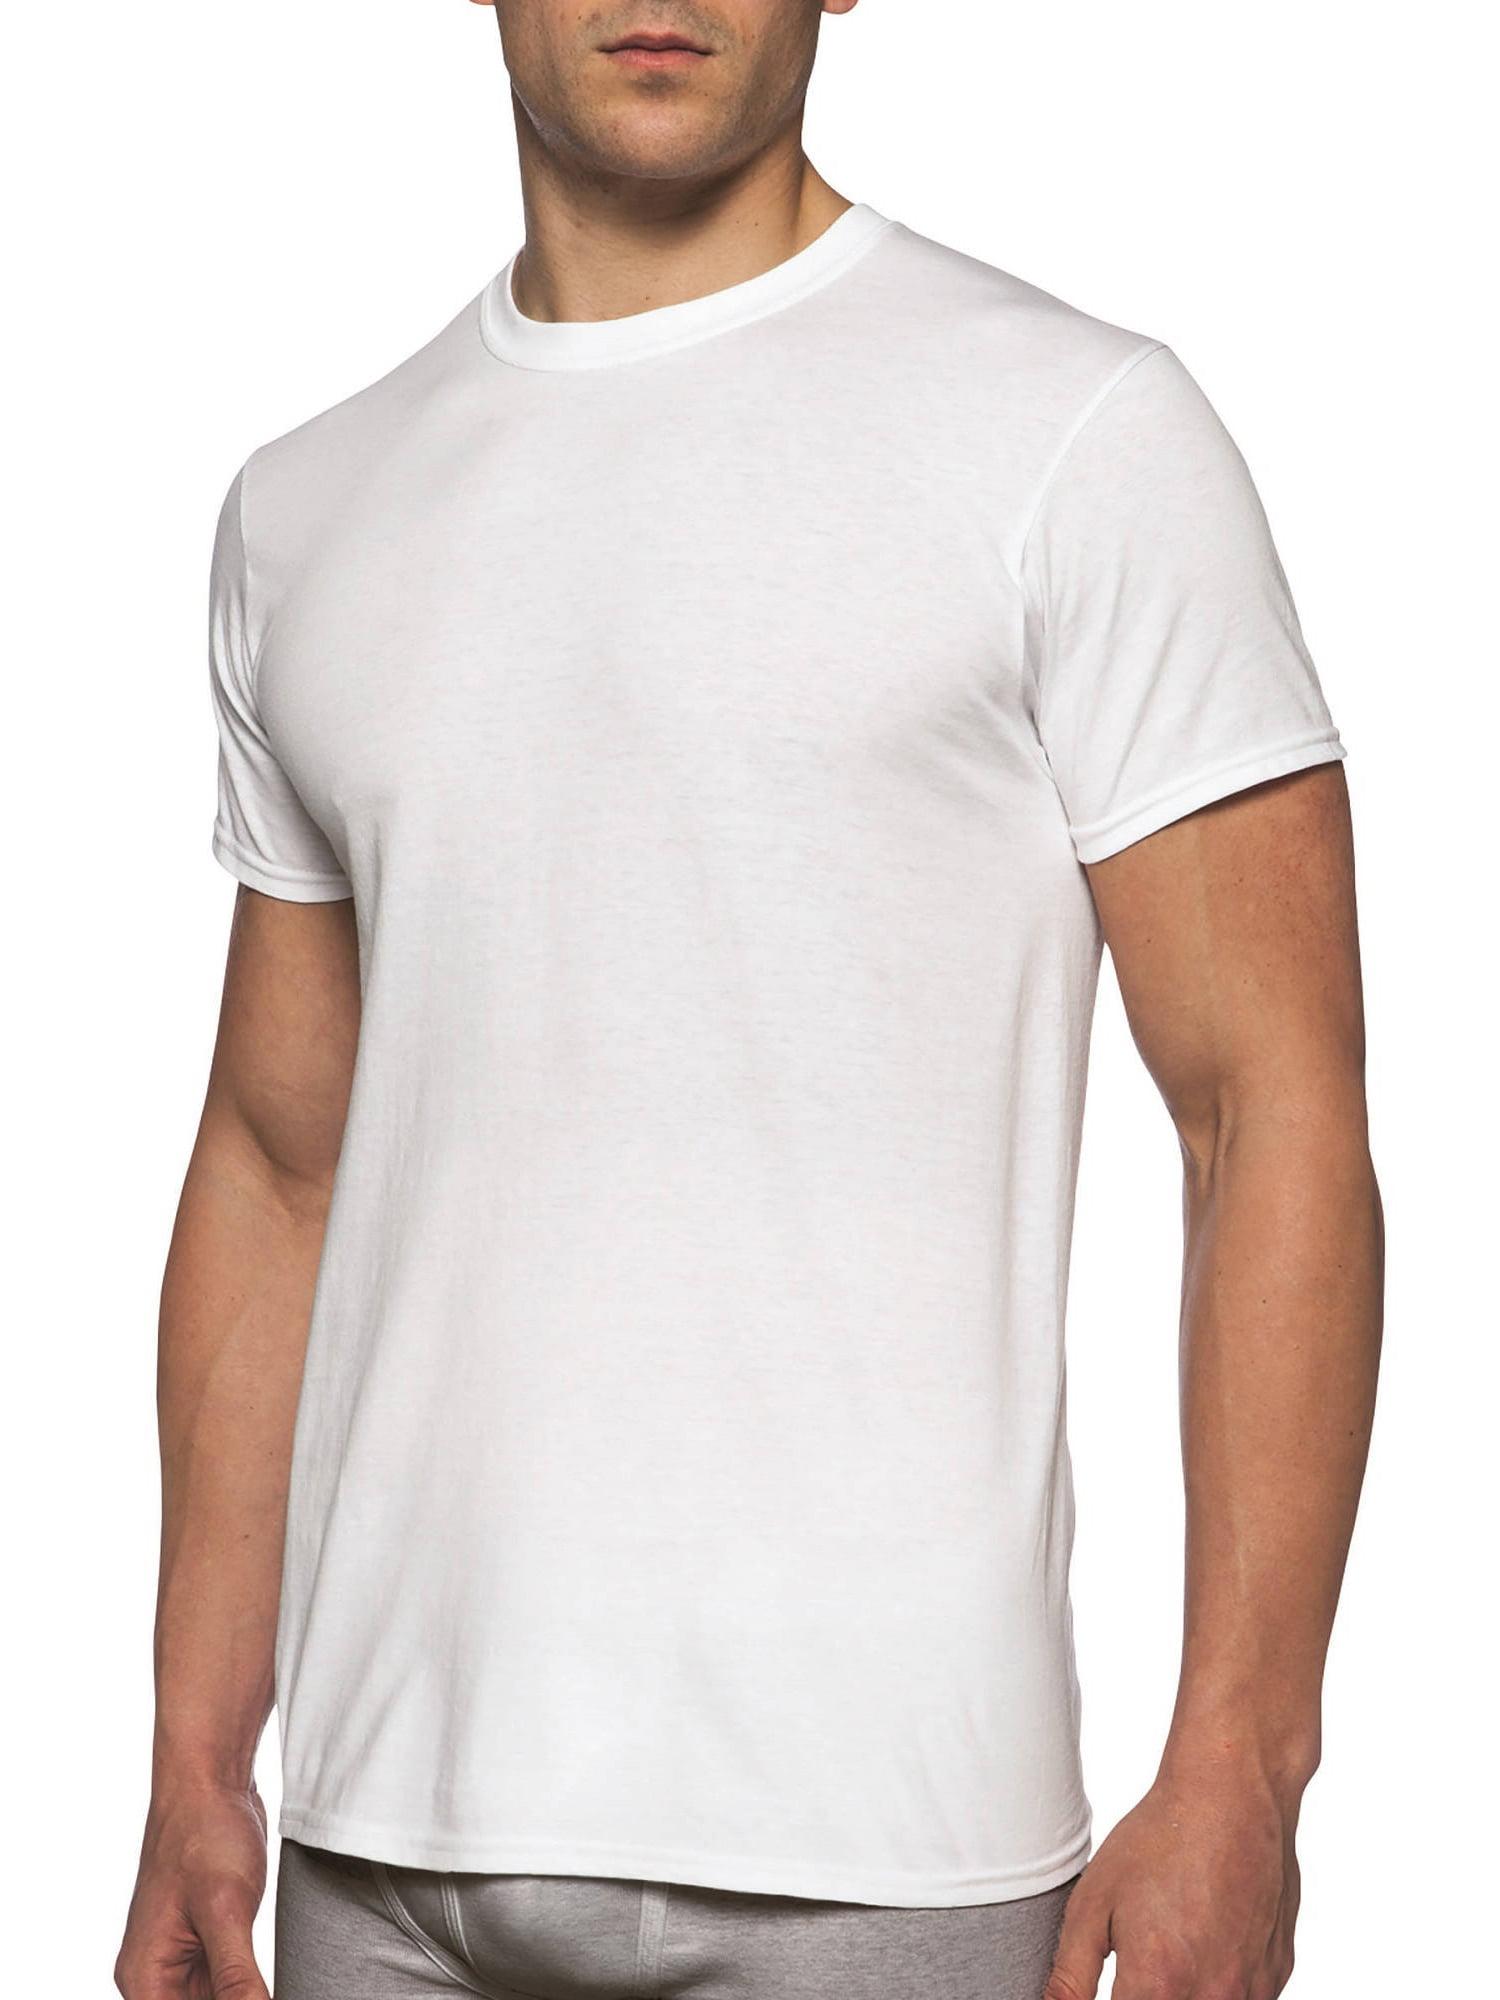 a998826da04 Gildan Men's Short Sleeve Crew White T-Shirt, 6-Pack